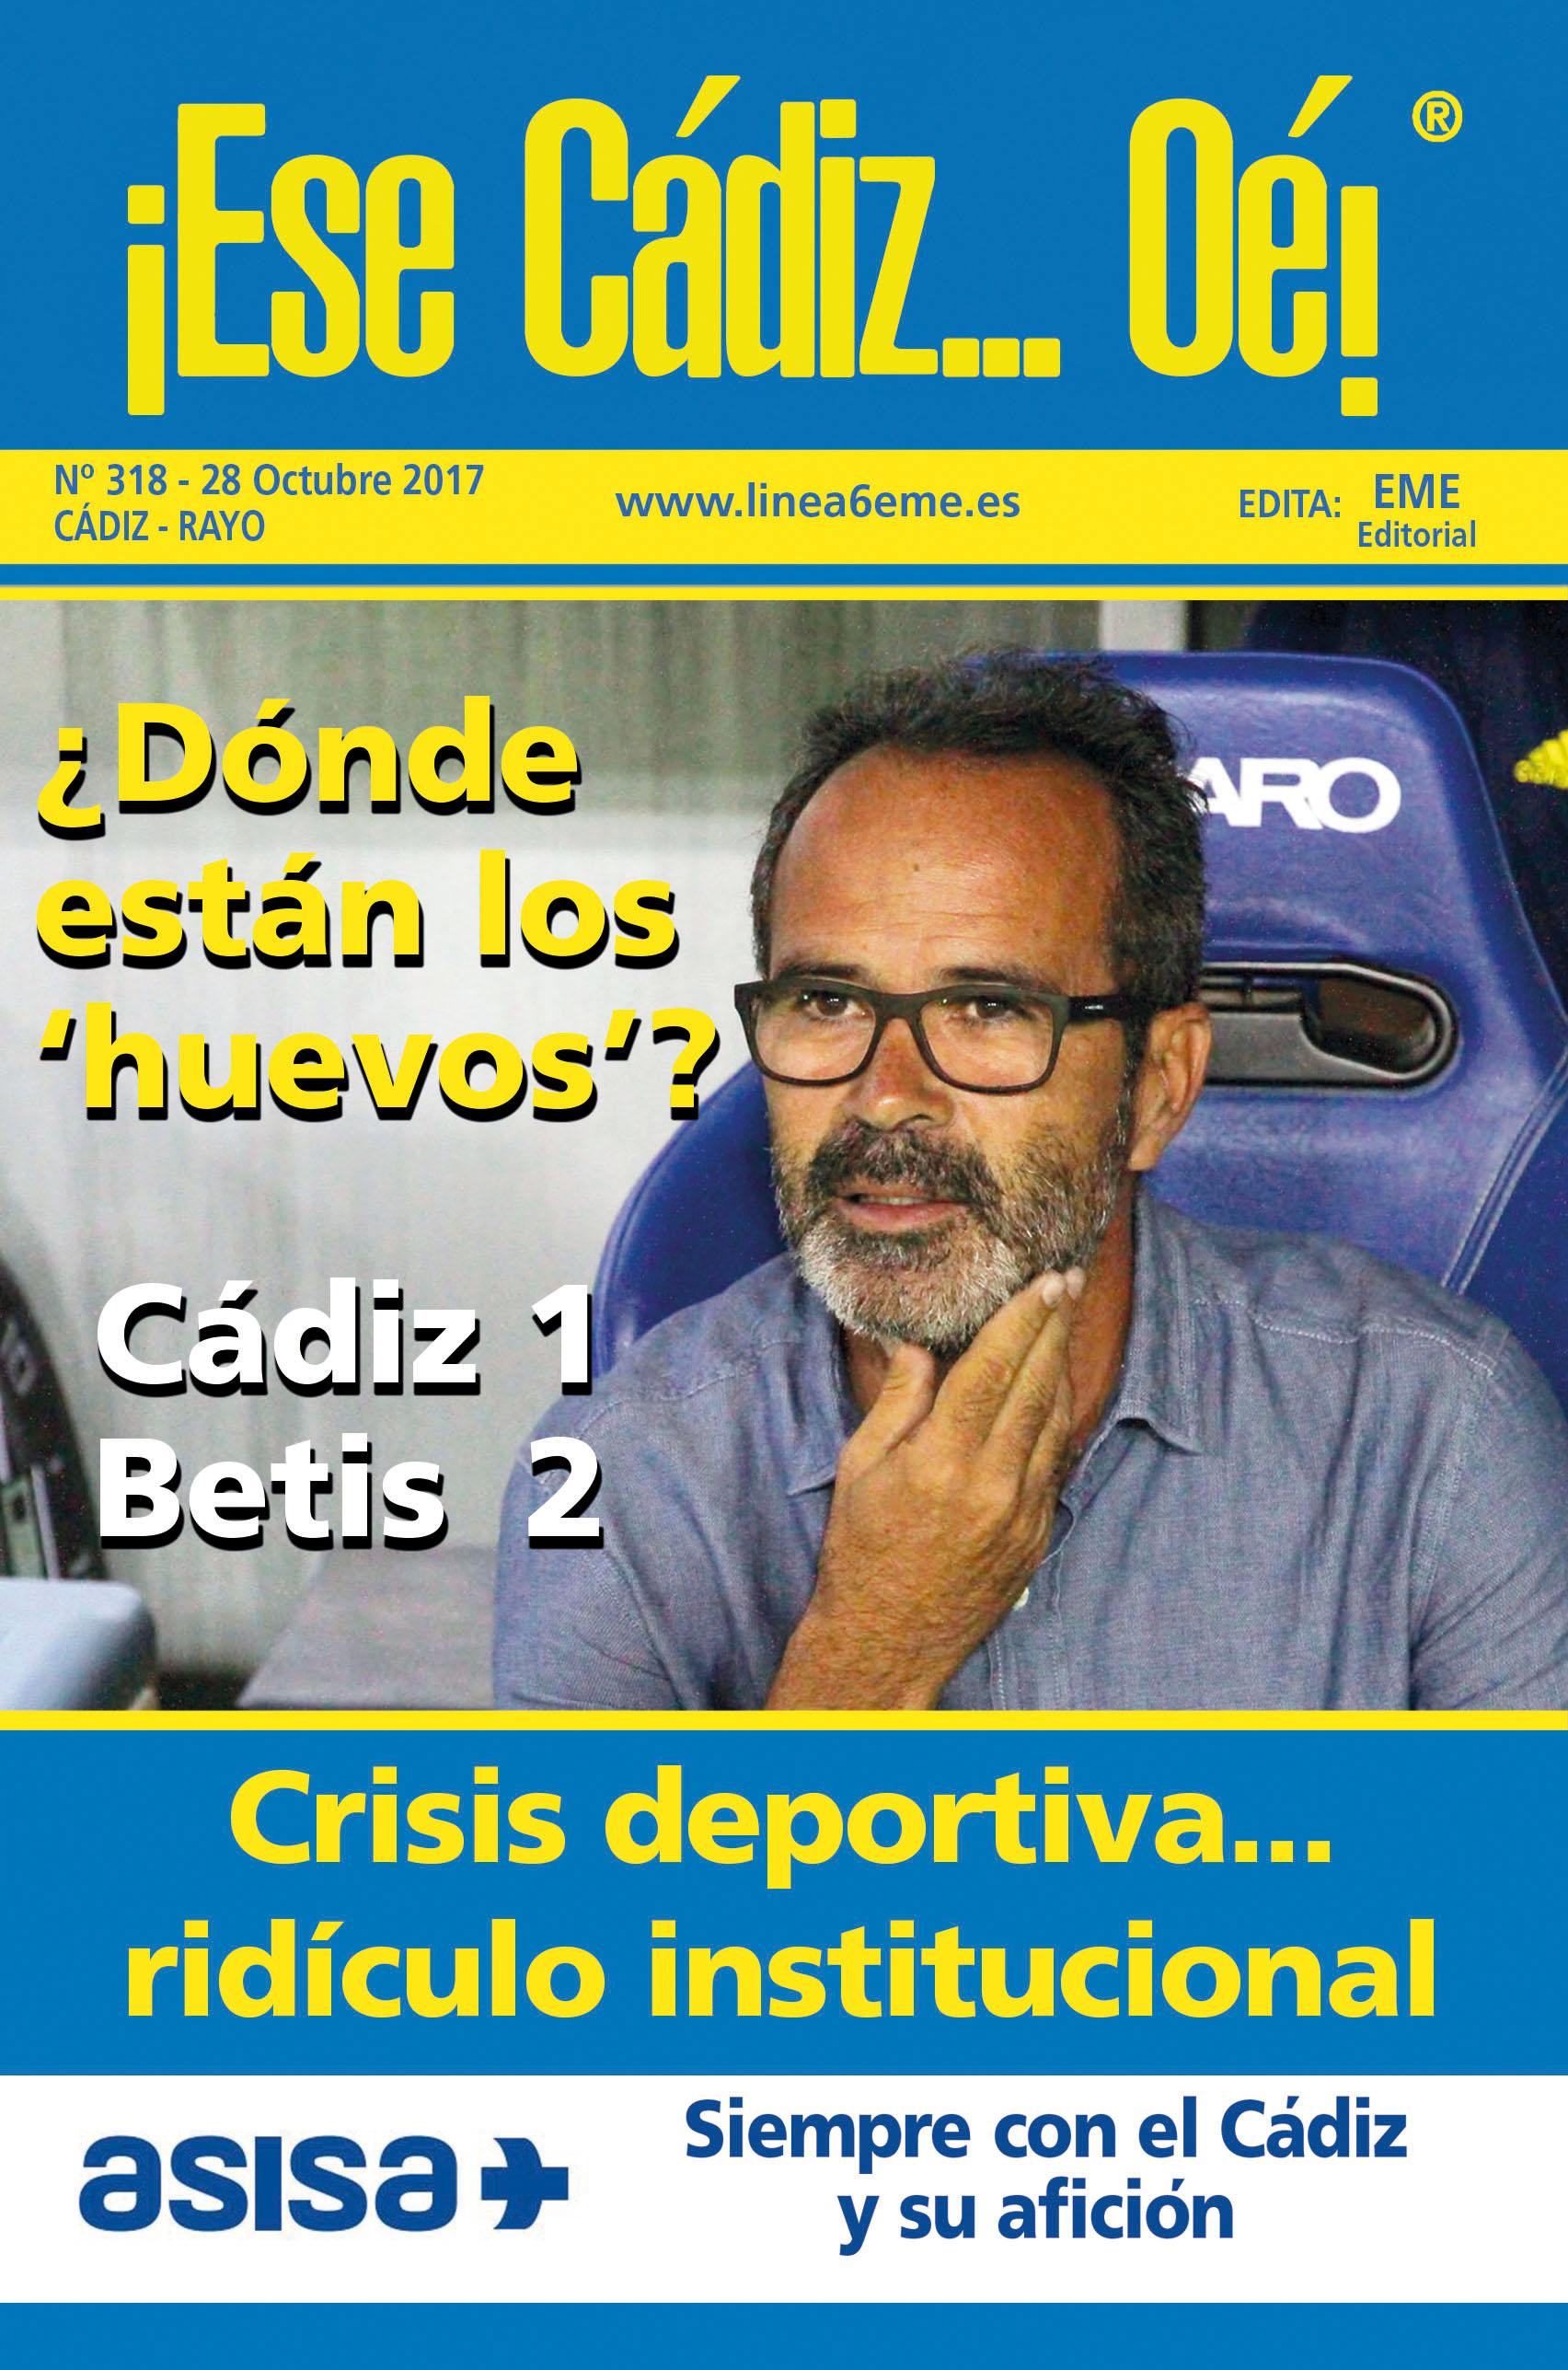 ¡Ese Cádiz…Oé! núm. 318 Temporada 2017/18